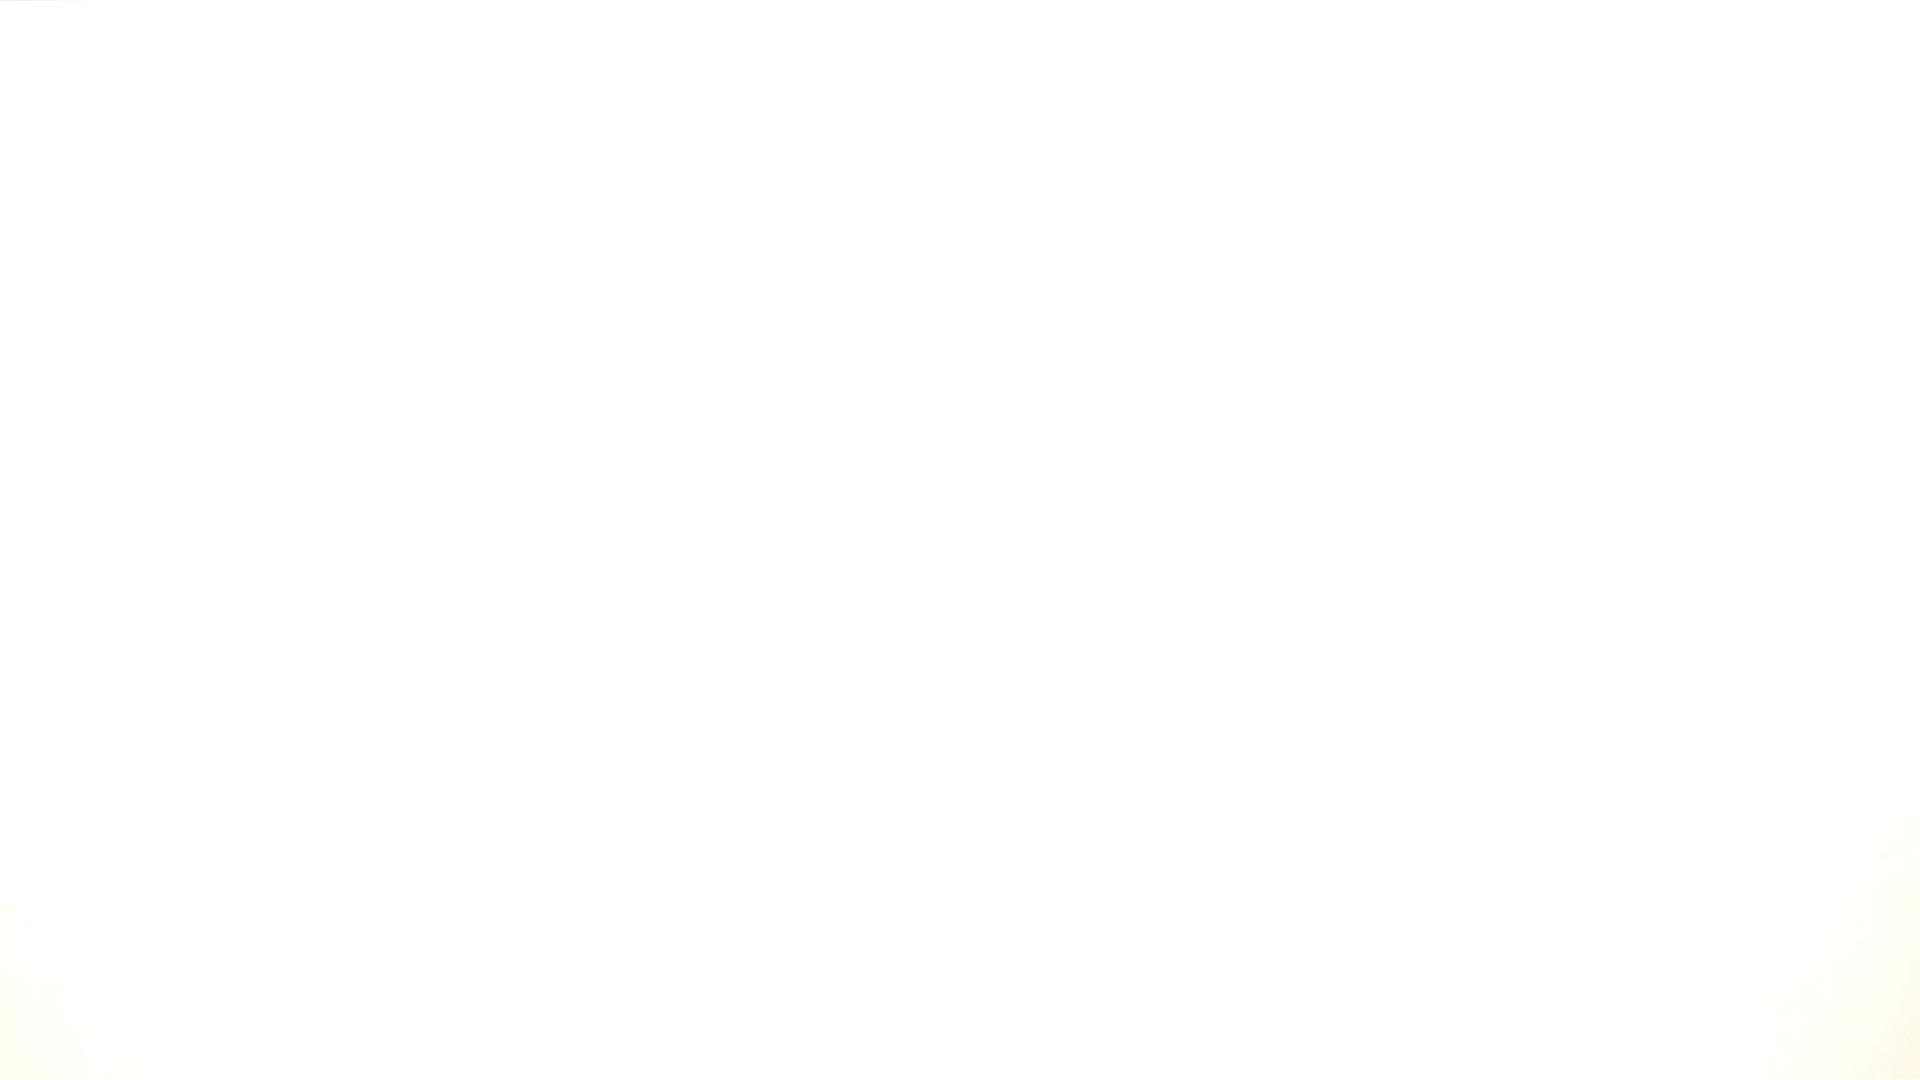 ※100個限定販売 至高下半身盗撮 プレミアム Vol.31 ハイビジョン お姉さんのSEX | 盗撮編  112枚 56